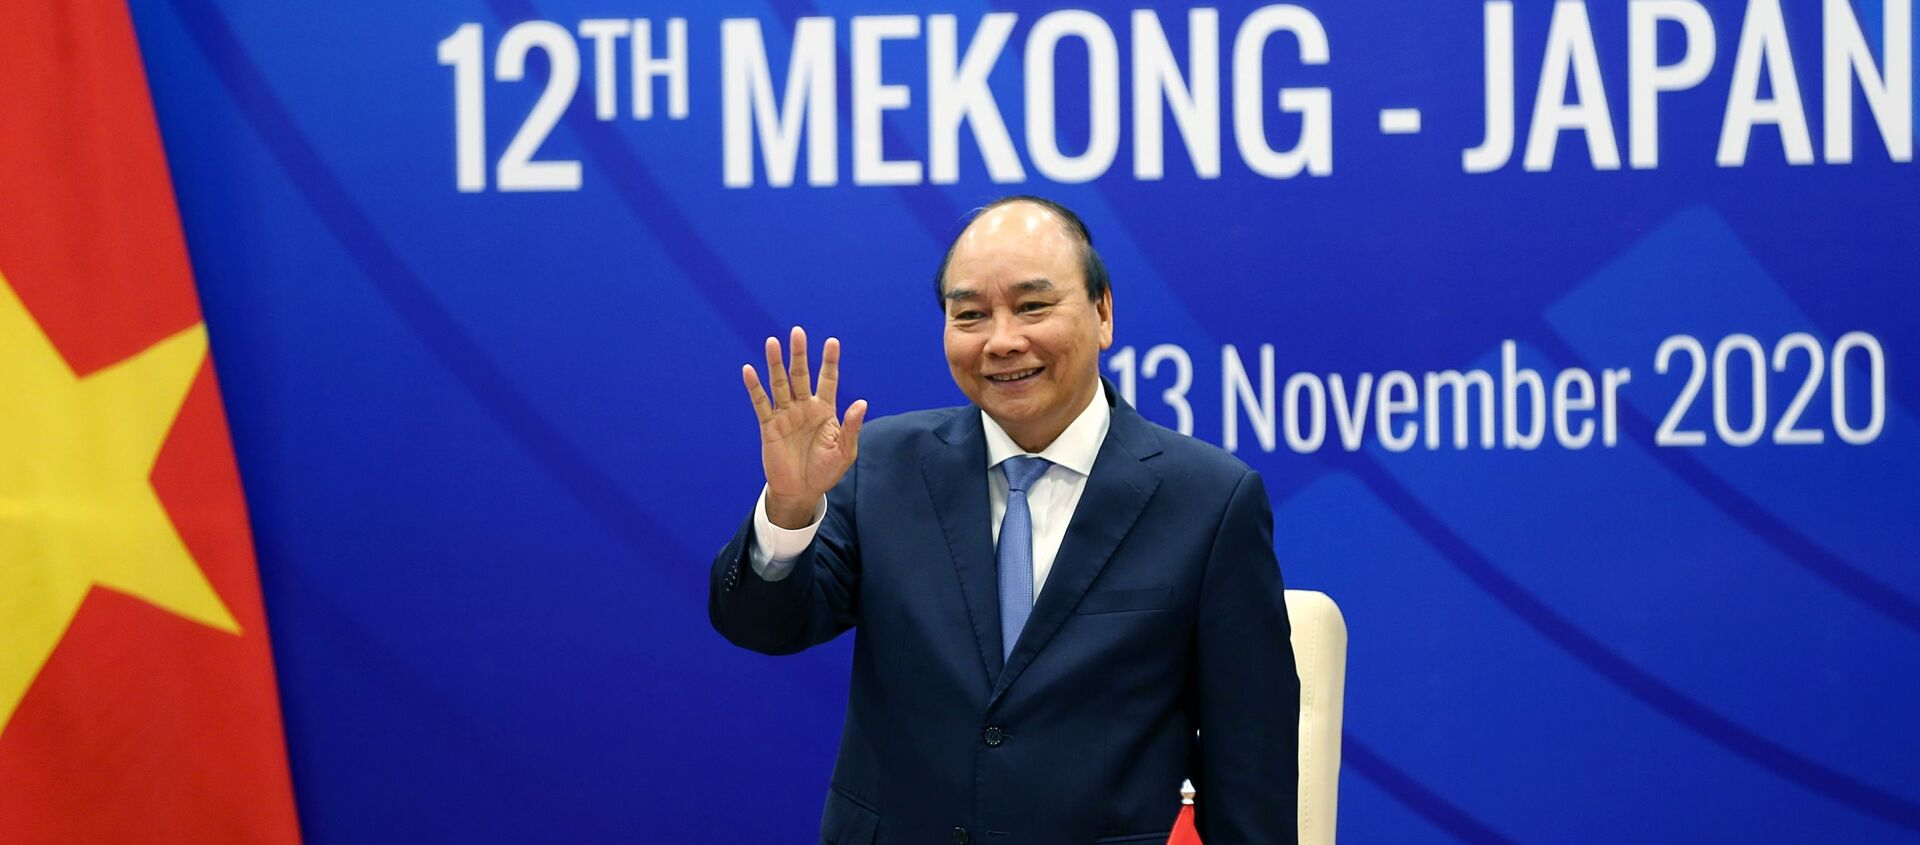 Thủ tướng Nguyễn Xuân Phúc chào lãnh đạo các nước ASEAN, Nhật Bản và các đại biểu dự Hội nghị Cấp cao Mekong - Nhật Bản lần thứ 12 theo hình thức trực tuyến. - Sputnik Việt Nam, 1920, 13.11.2020